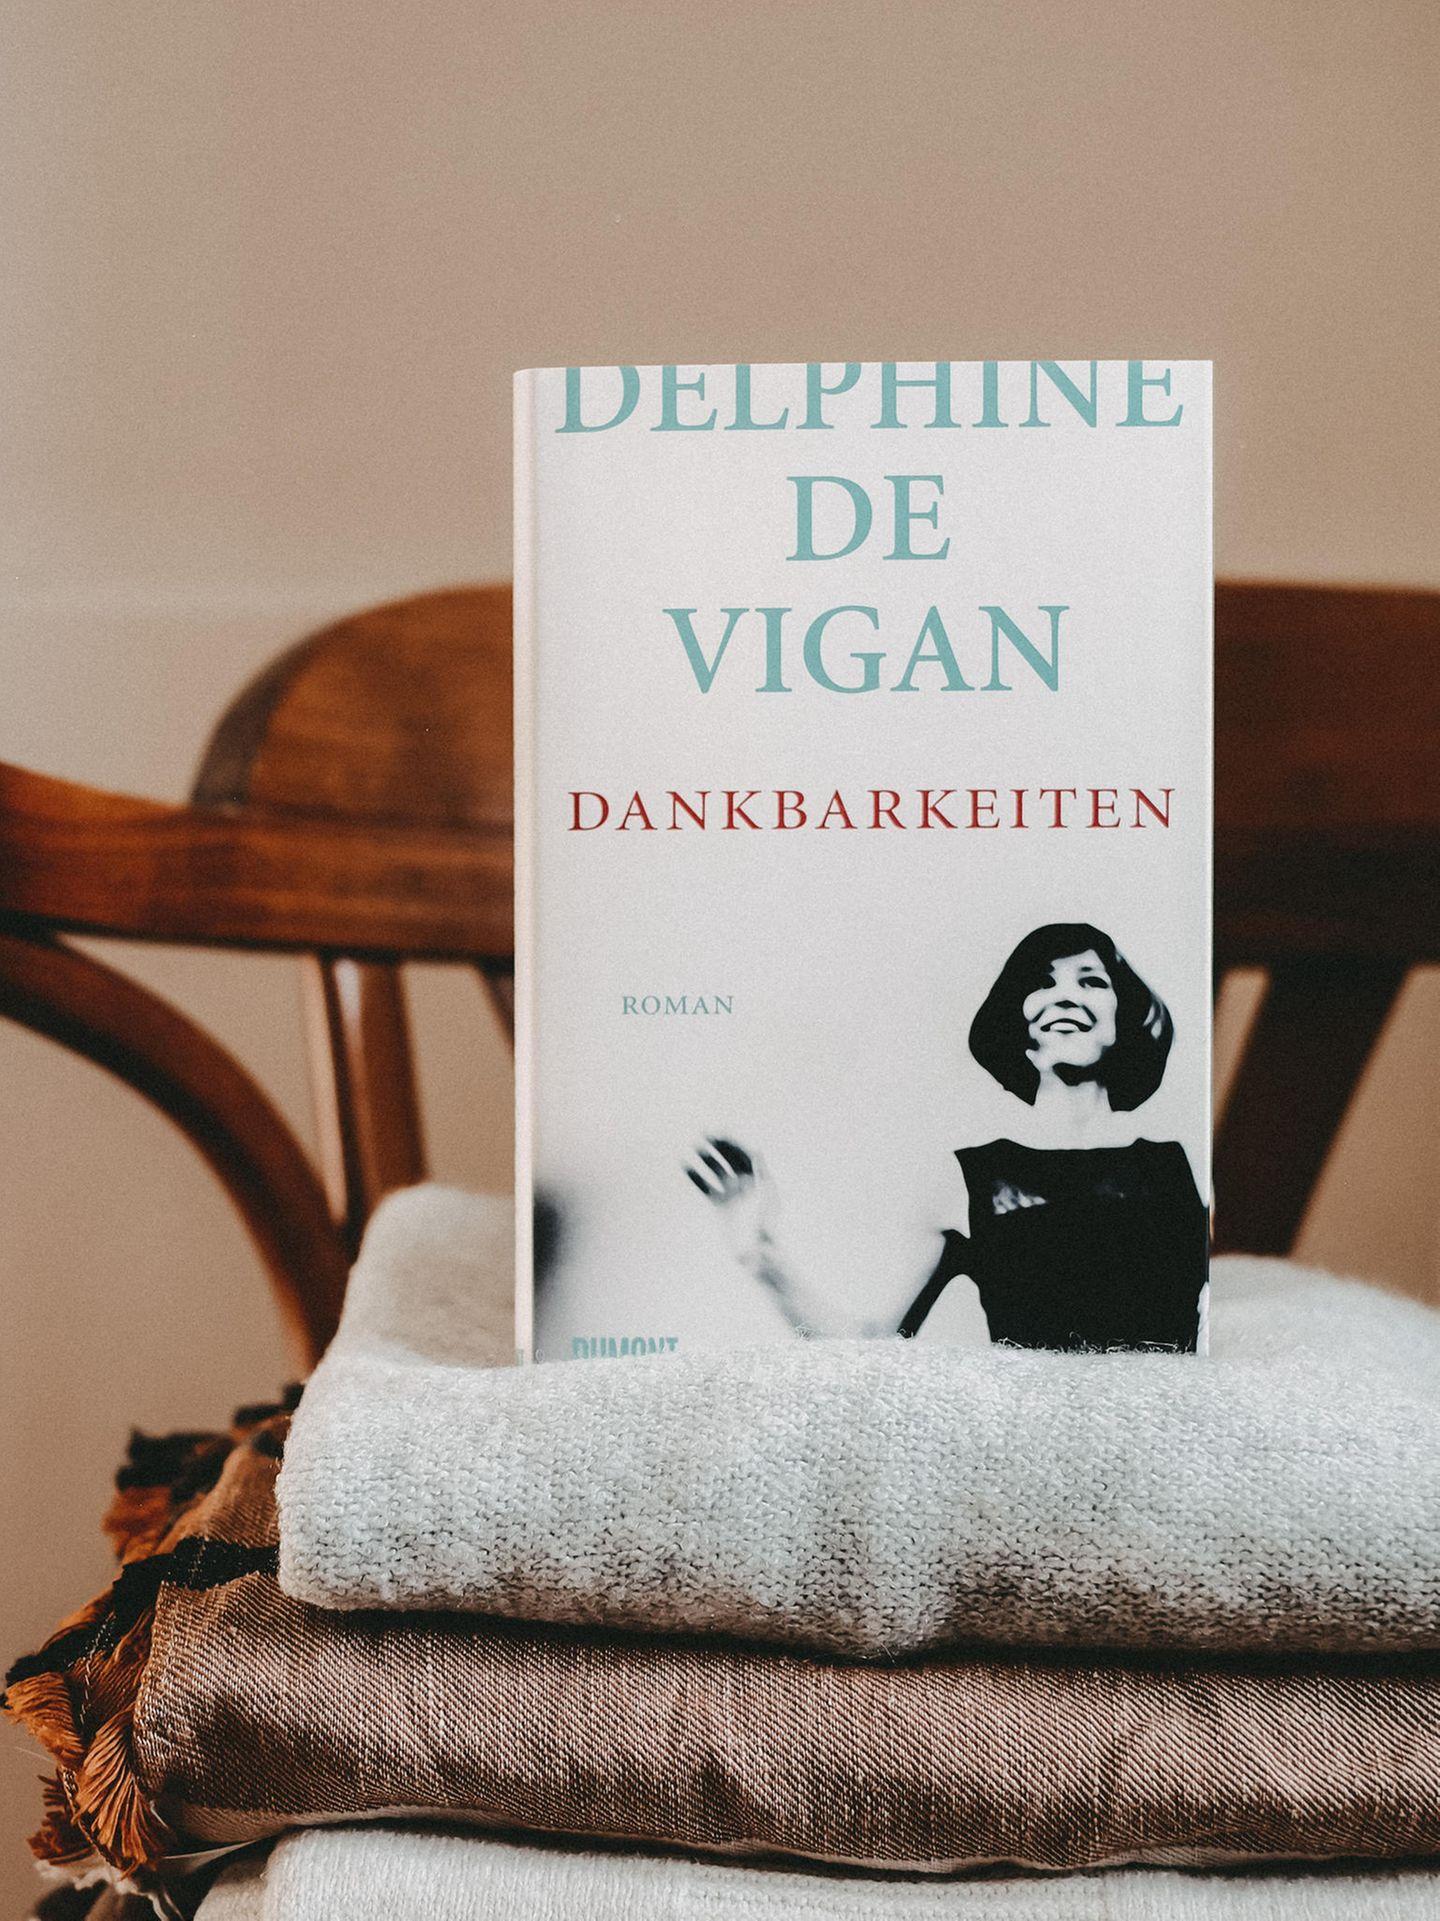 Buchtipps der Blogger: Dankbarkeiten – Delphine de Vigan